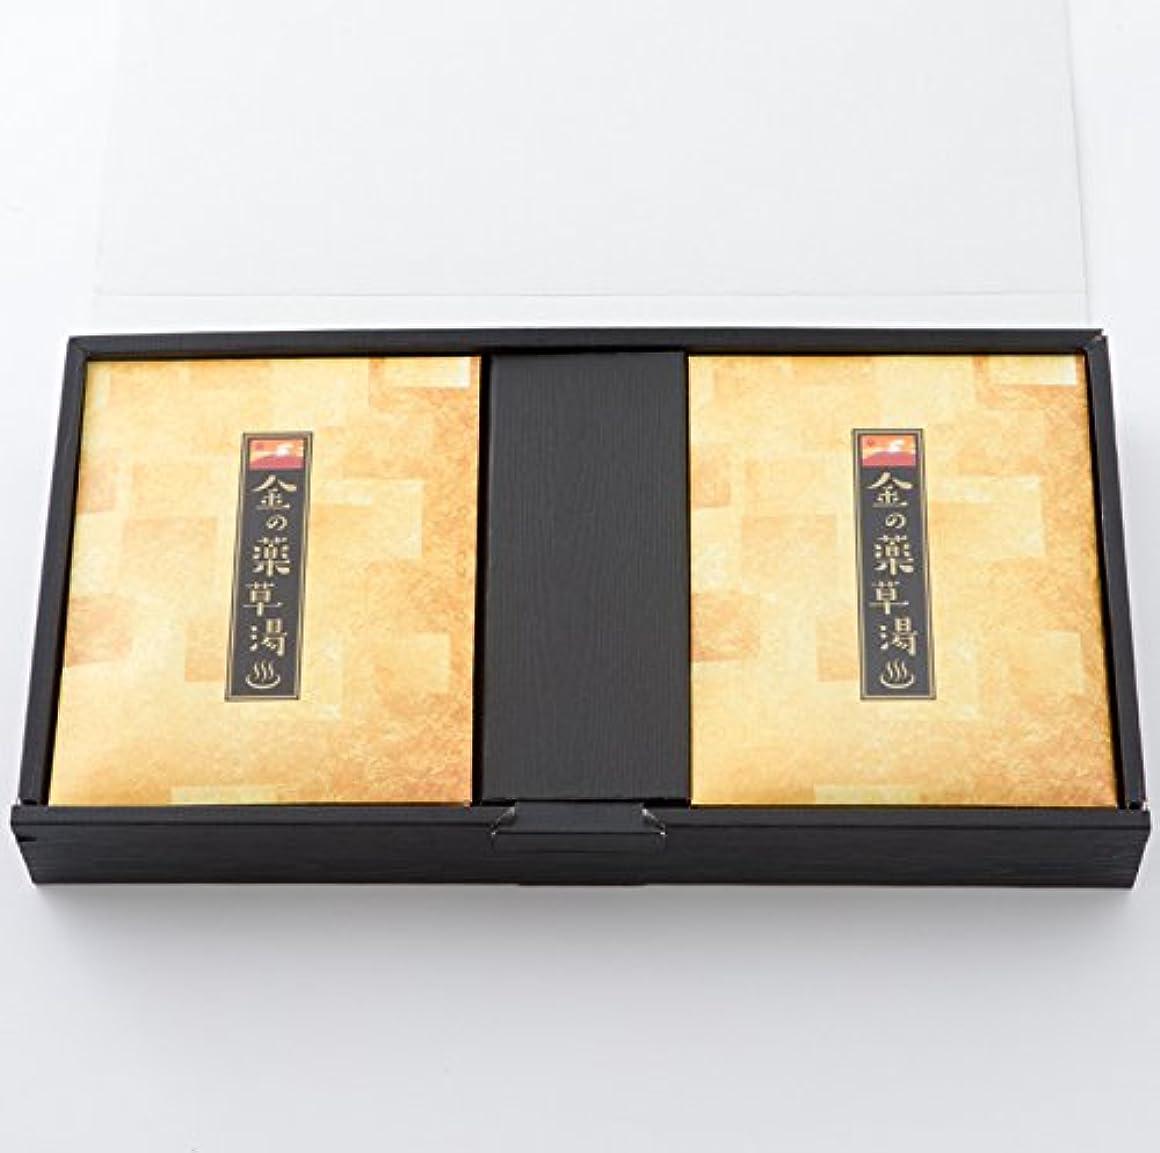 素晴らしいカテゴリーバラ色金の薬草湯ギフト(6包入)